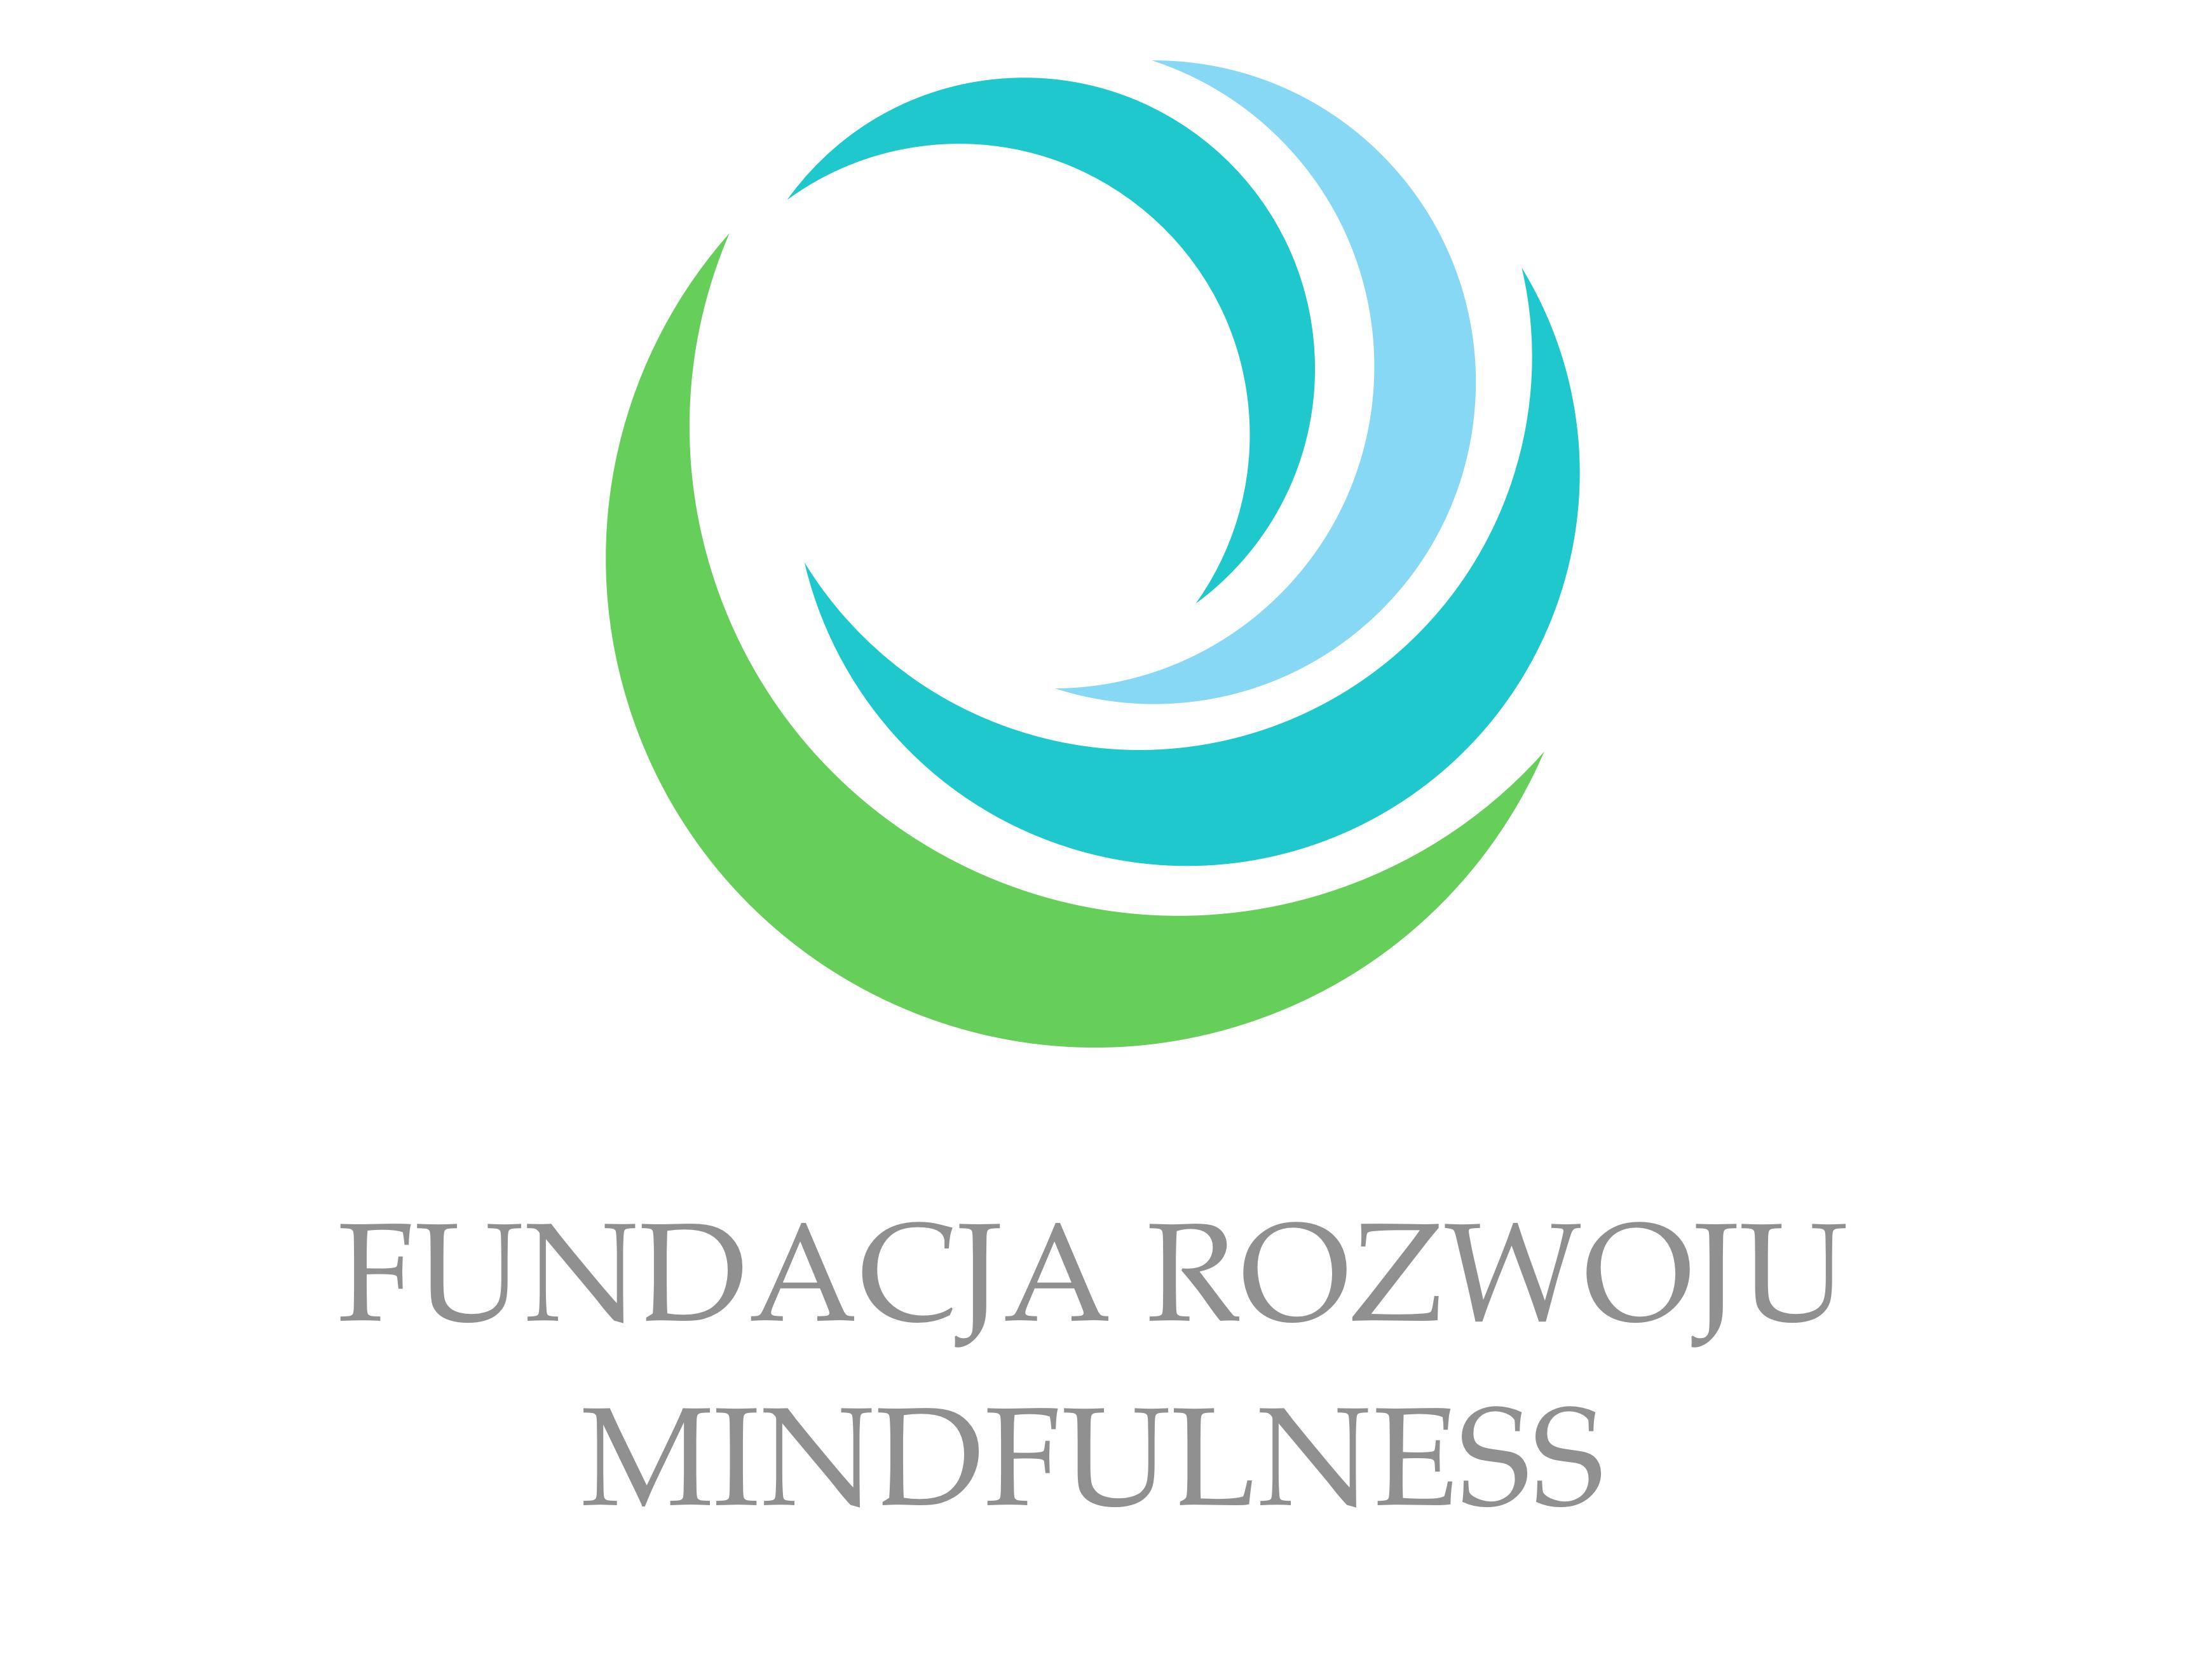 Fundacja Rozwoju Mindfulness